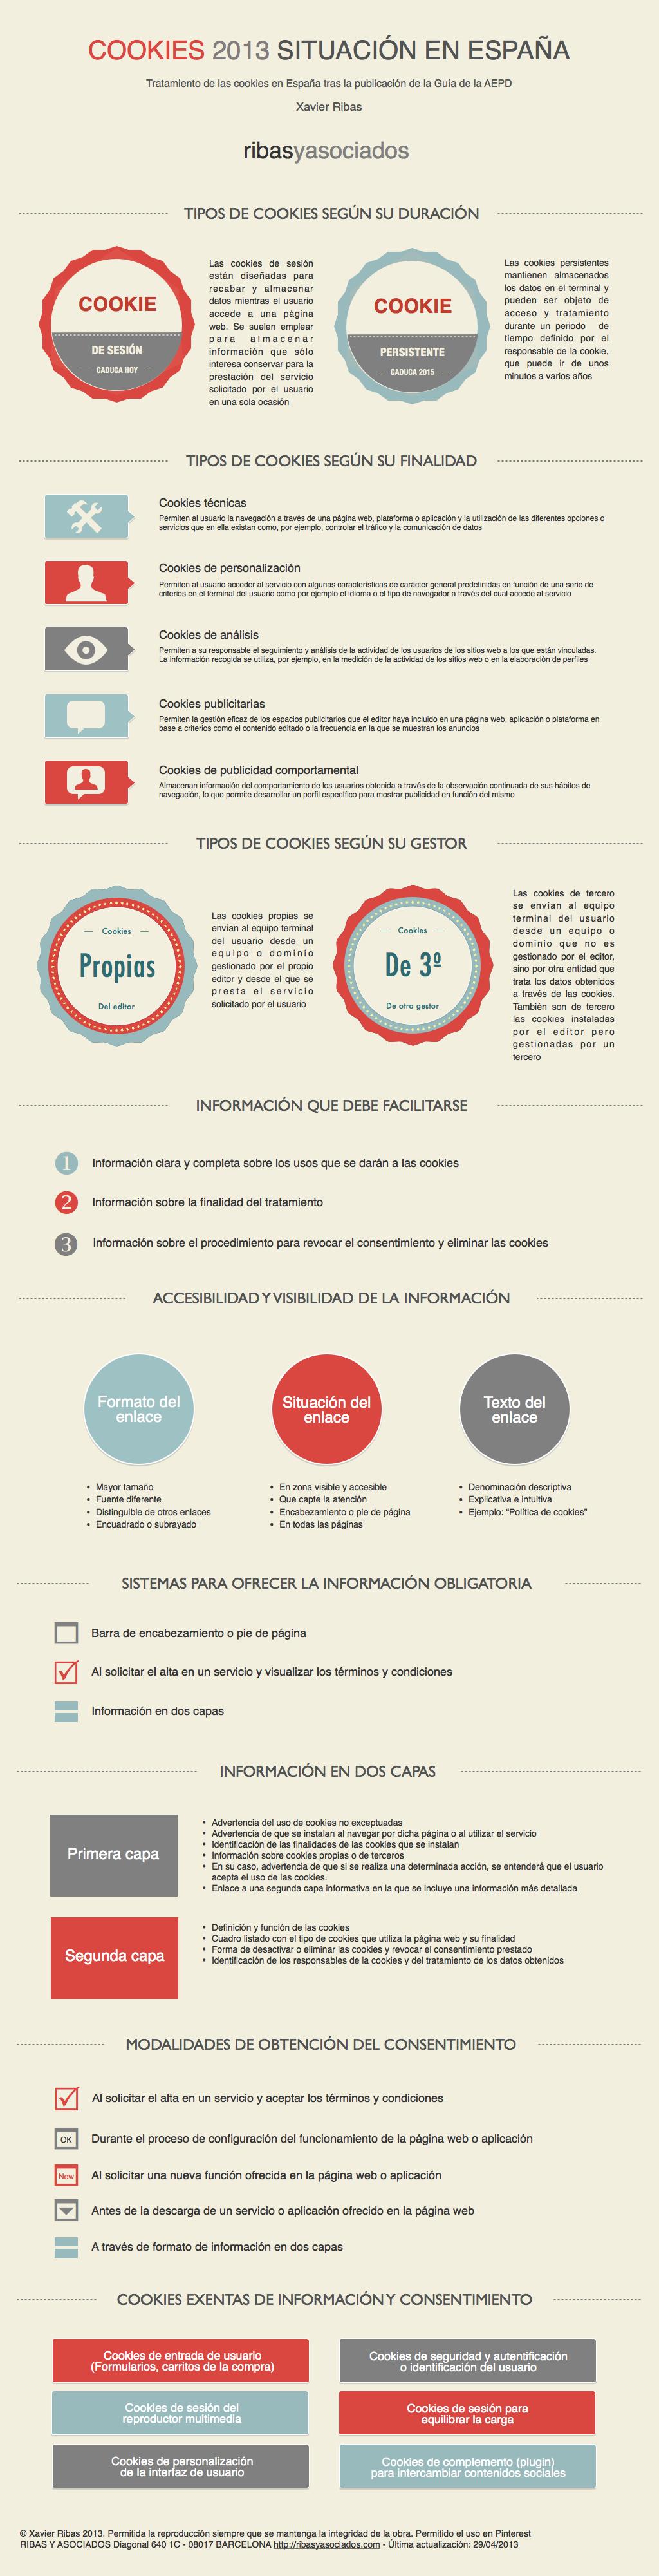 Infografía resumen de la Guía sobre el uso de cookies de la Agencia Española de Protección de Datos - Xavier Ribas